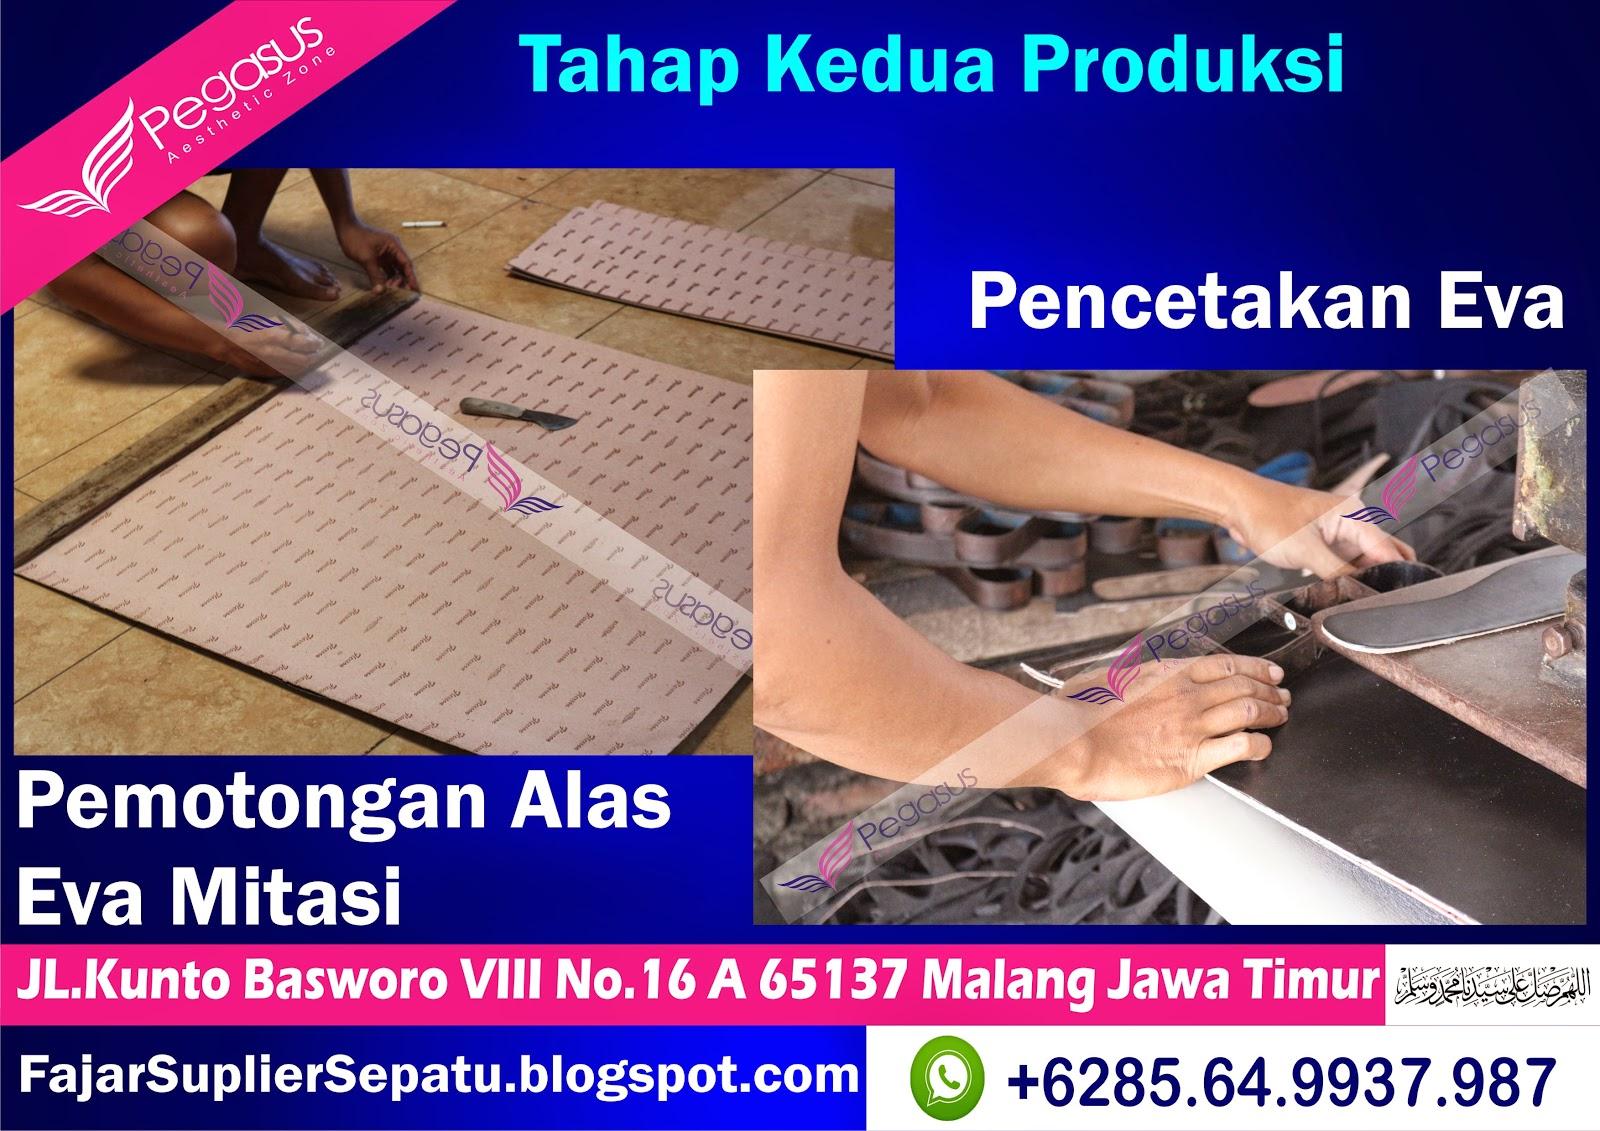 Distributor Sepatu Bordir Murah, Sepatu Bordir Bali, Sepatu Bordir Murah, +62.8564.993.7987